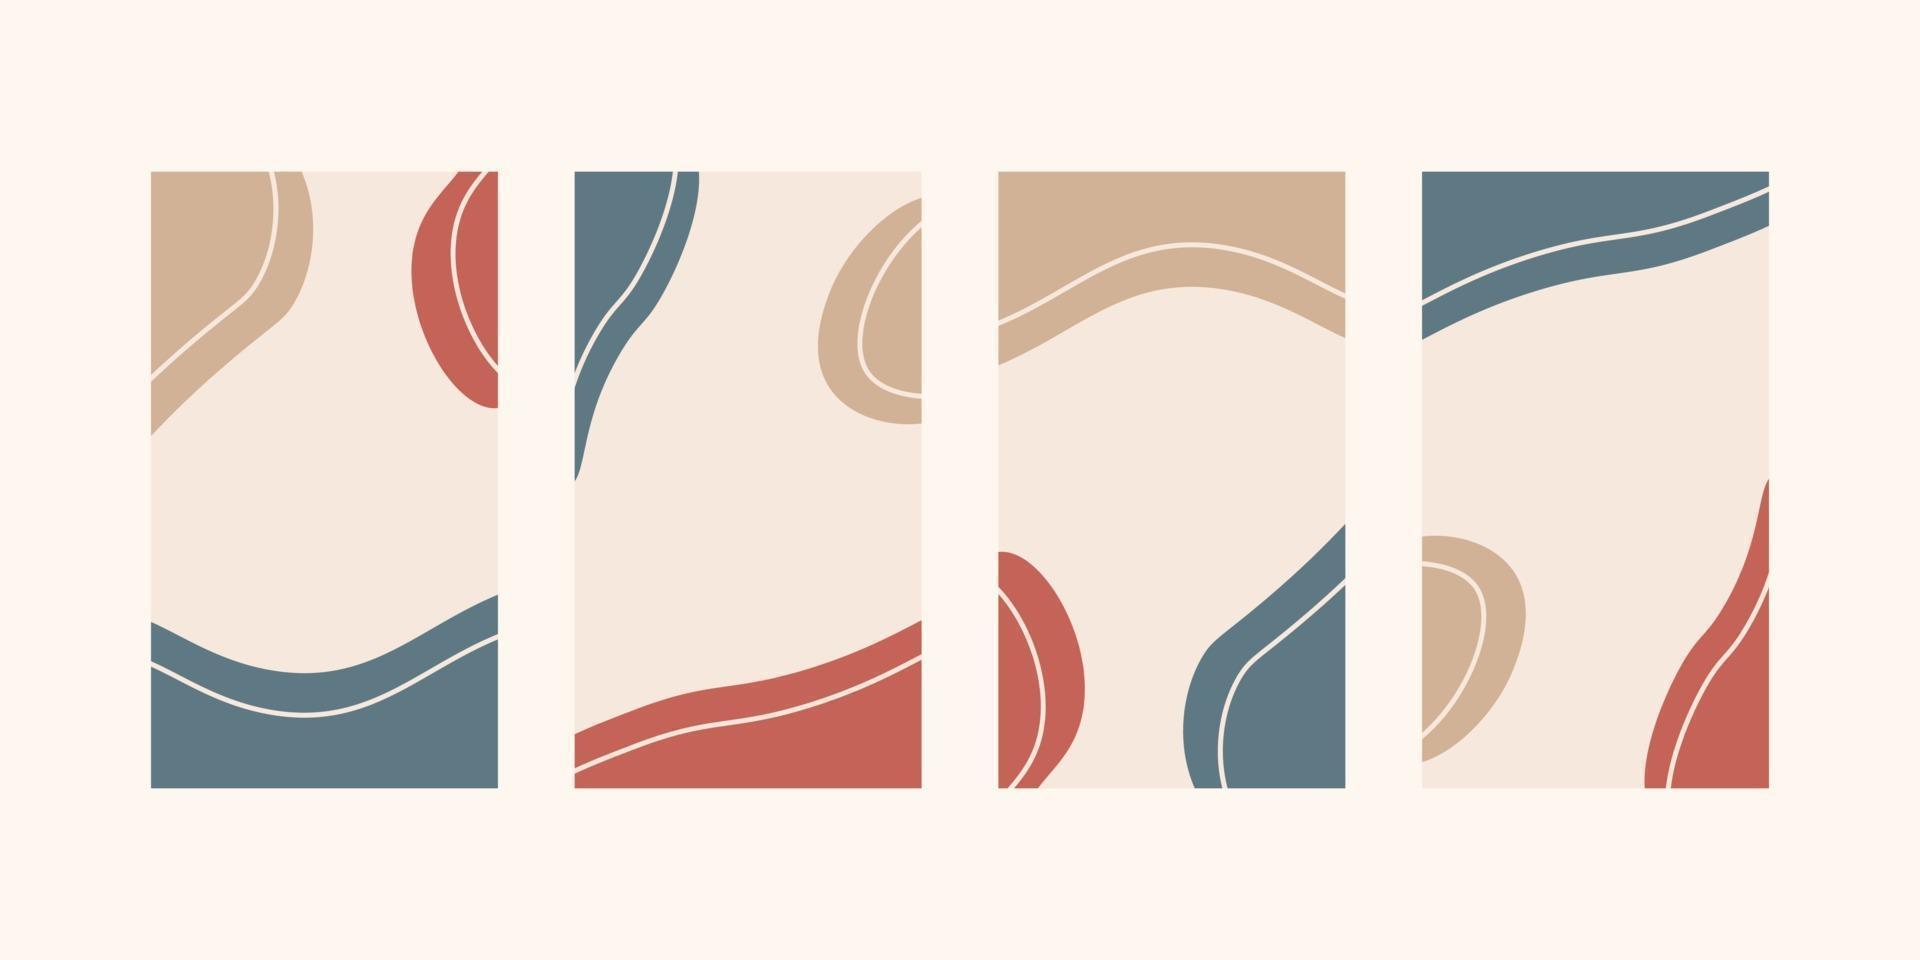 trendig abstrakt universell mall med naturkoncept för berättelser om sociala medier vektor